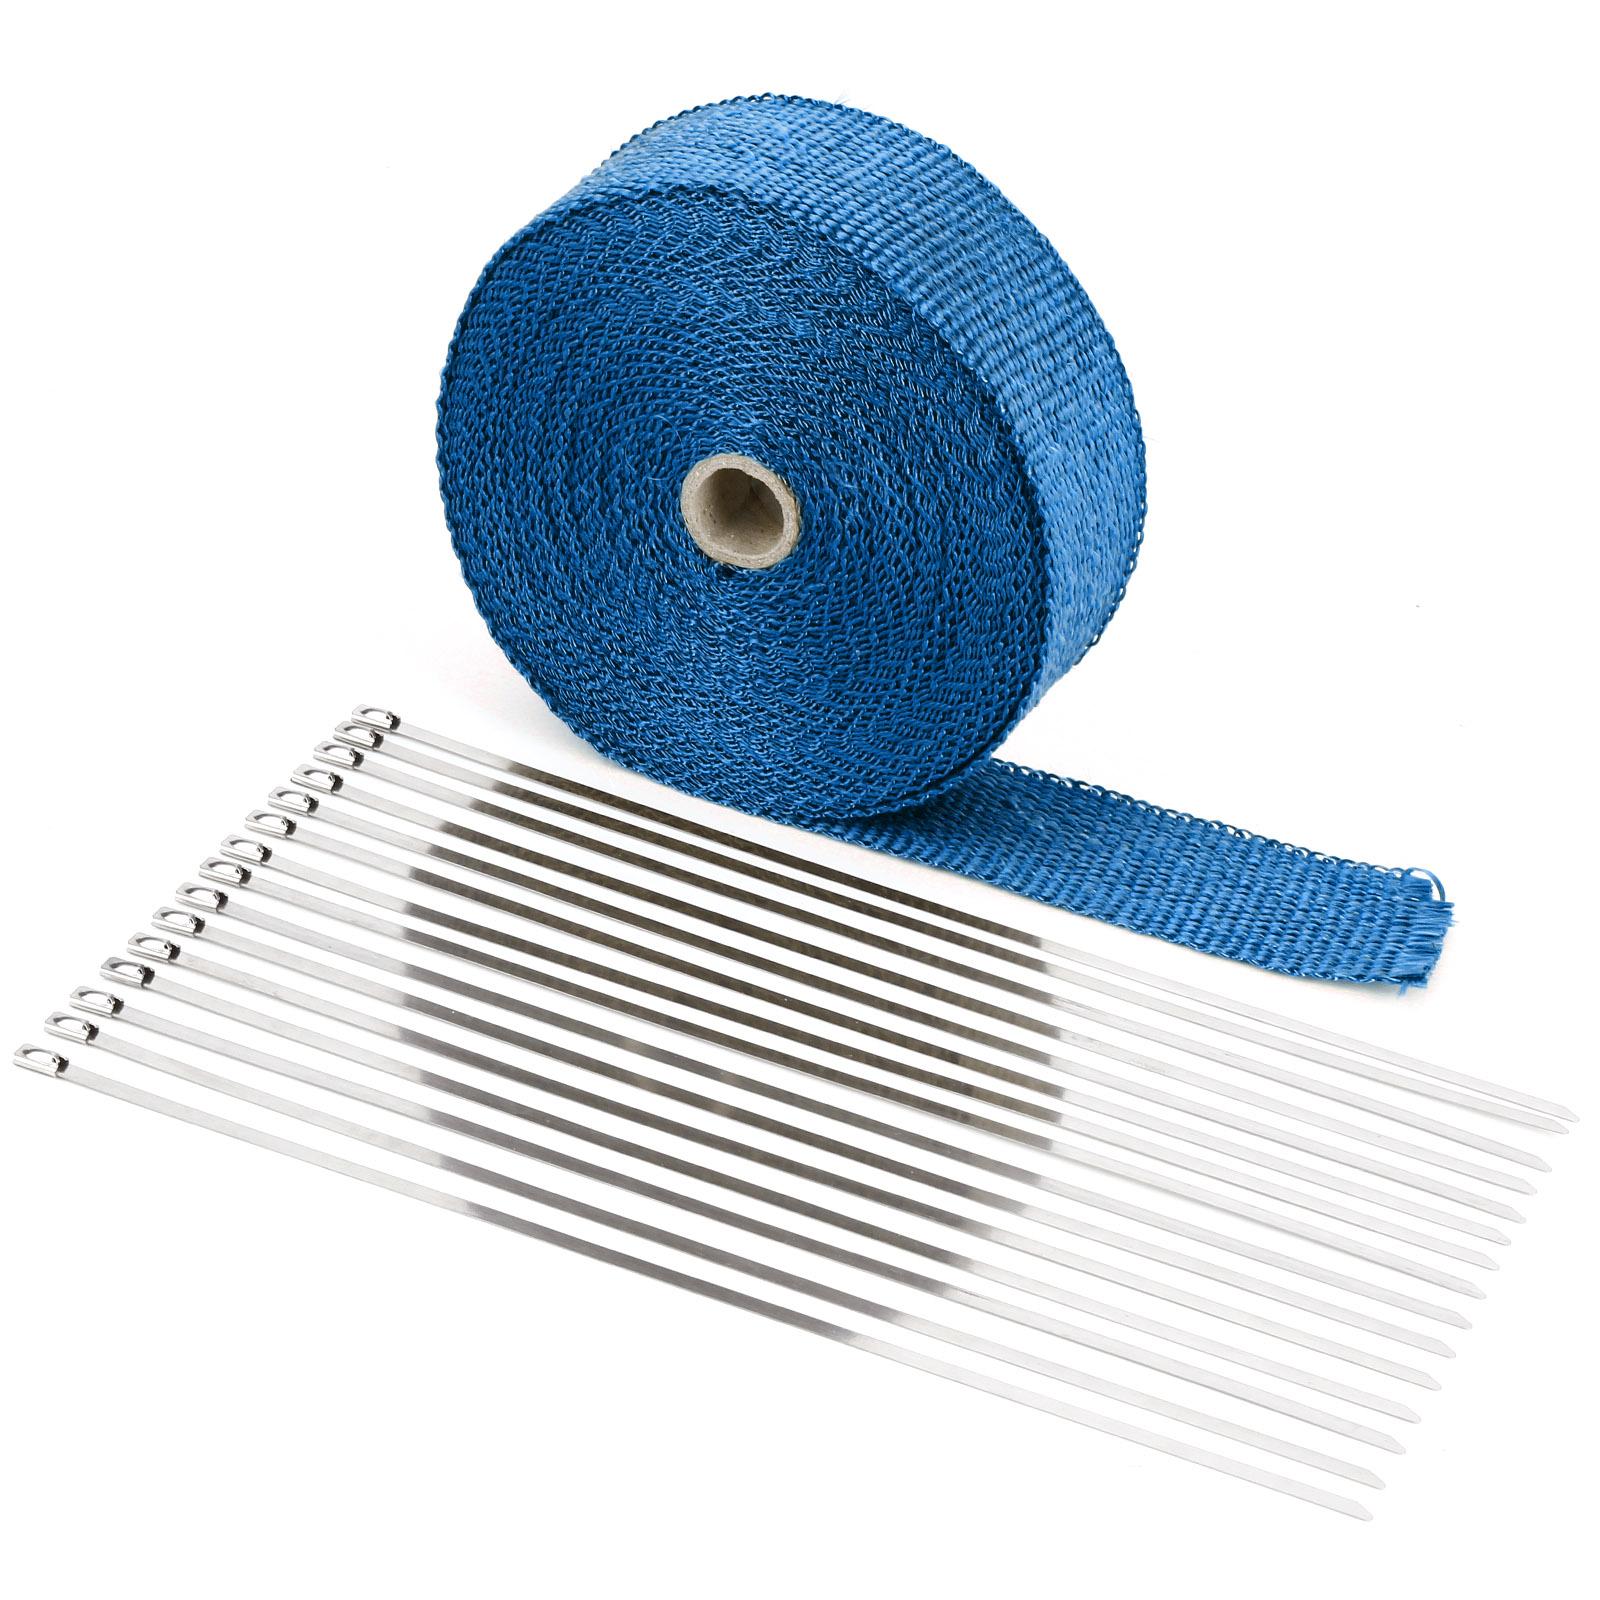 bande isolant thermique collecteur echappement moto fibre verre longeur 15m bleu eur 21 99. Black Bedroom Furniture Sets. Home Design Ideas